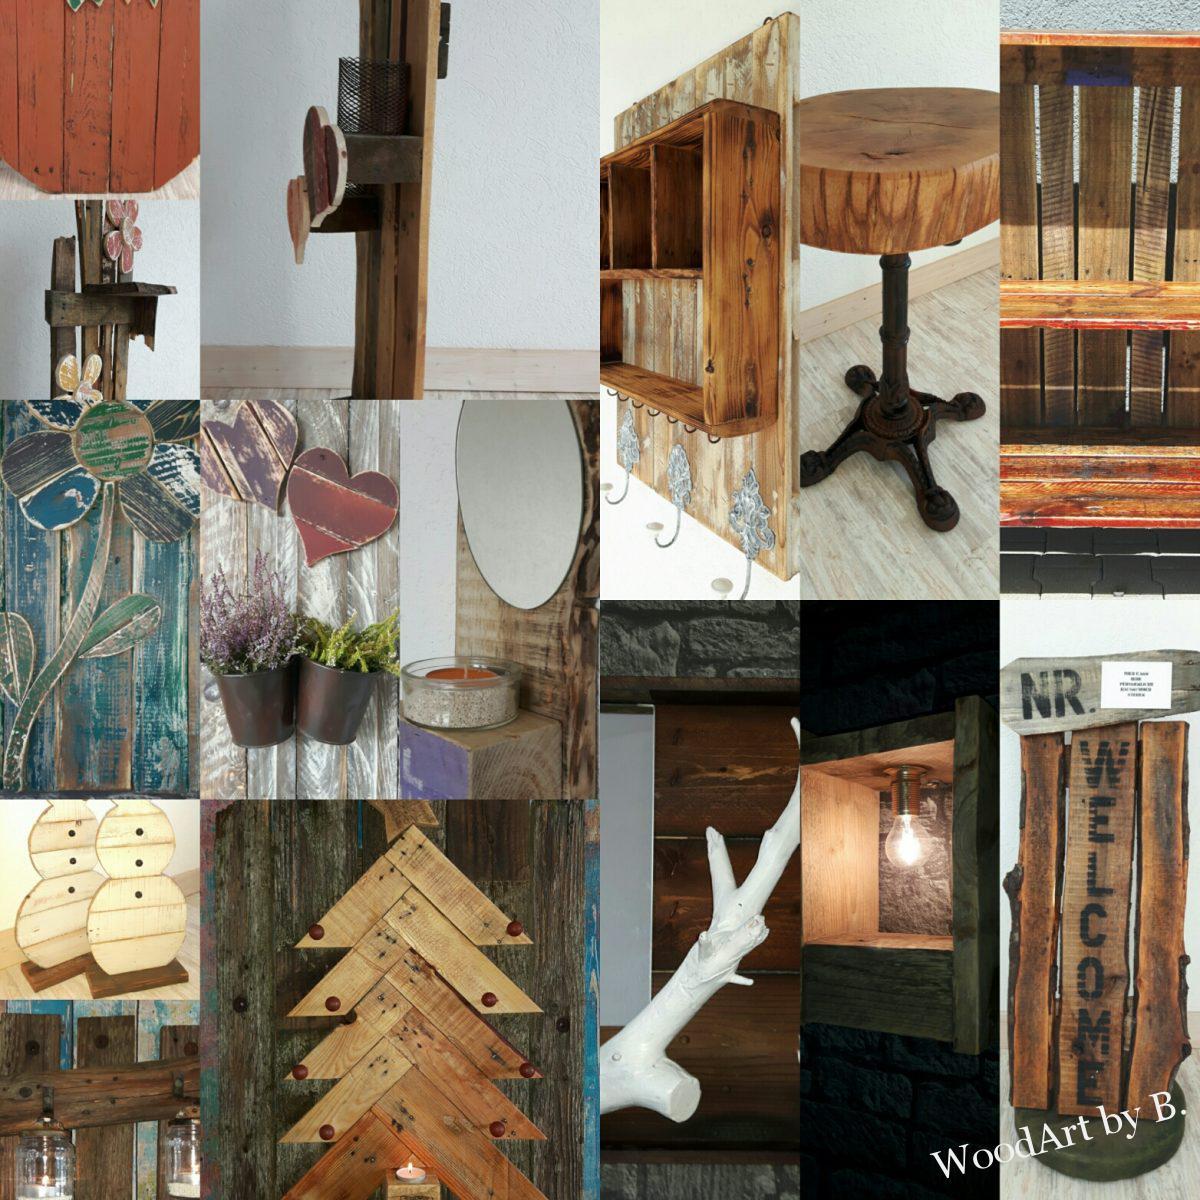 Paletten archive   woodart by b